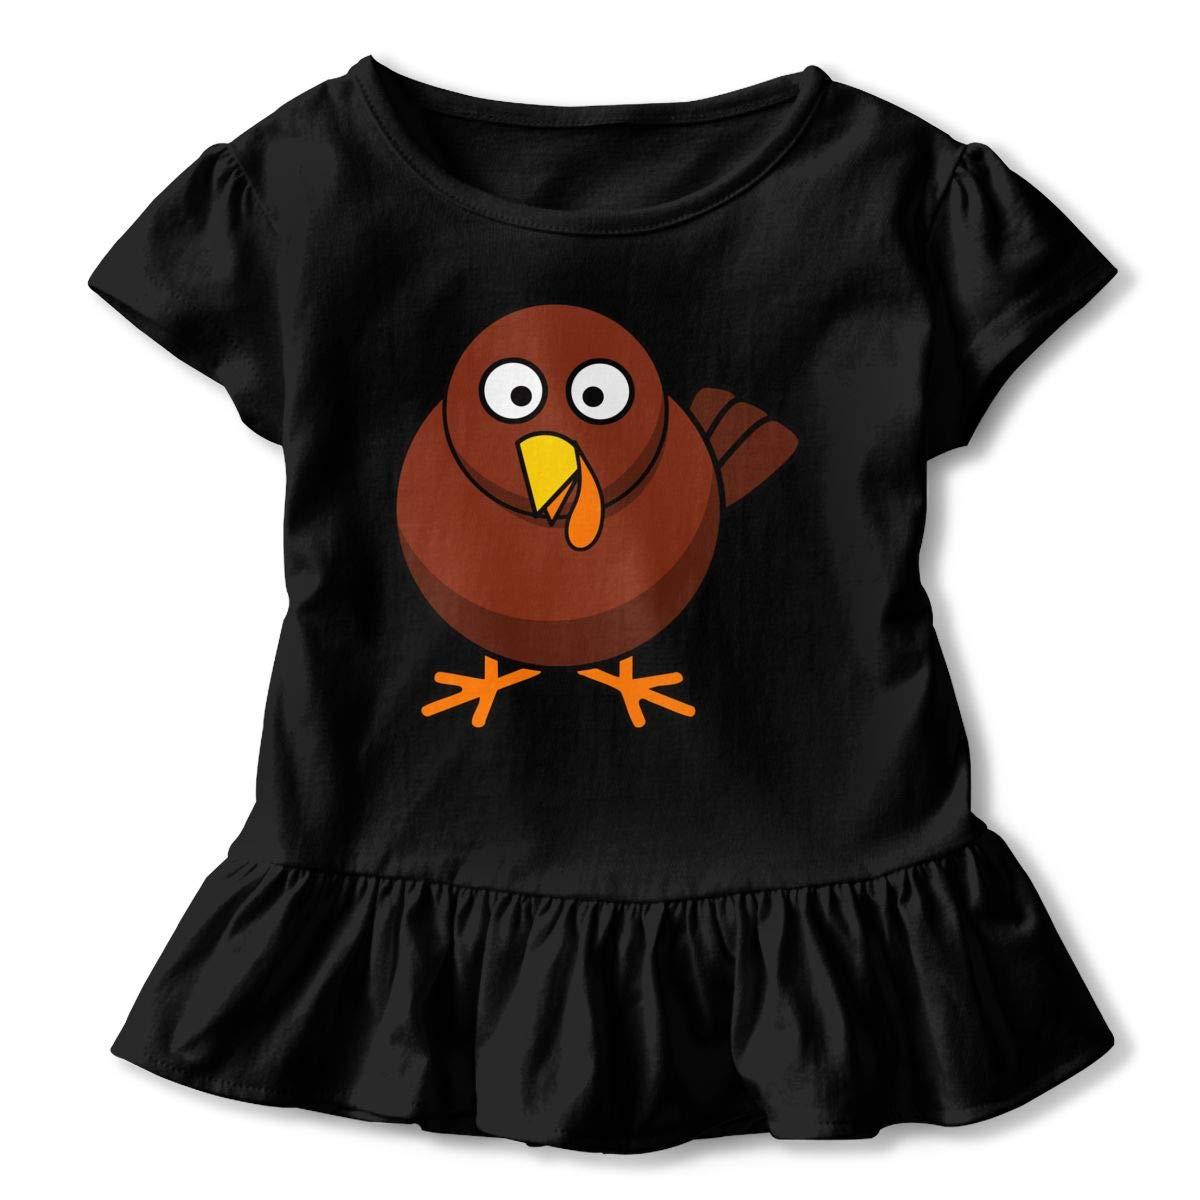 2-Pack Cotton Tee Turkey Baby Baby Girls Short Sleeve Ruffles T-Shirt Tops